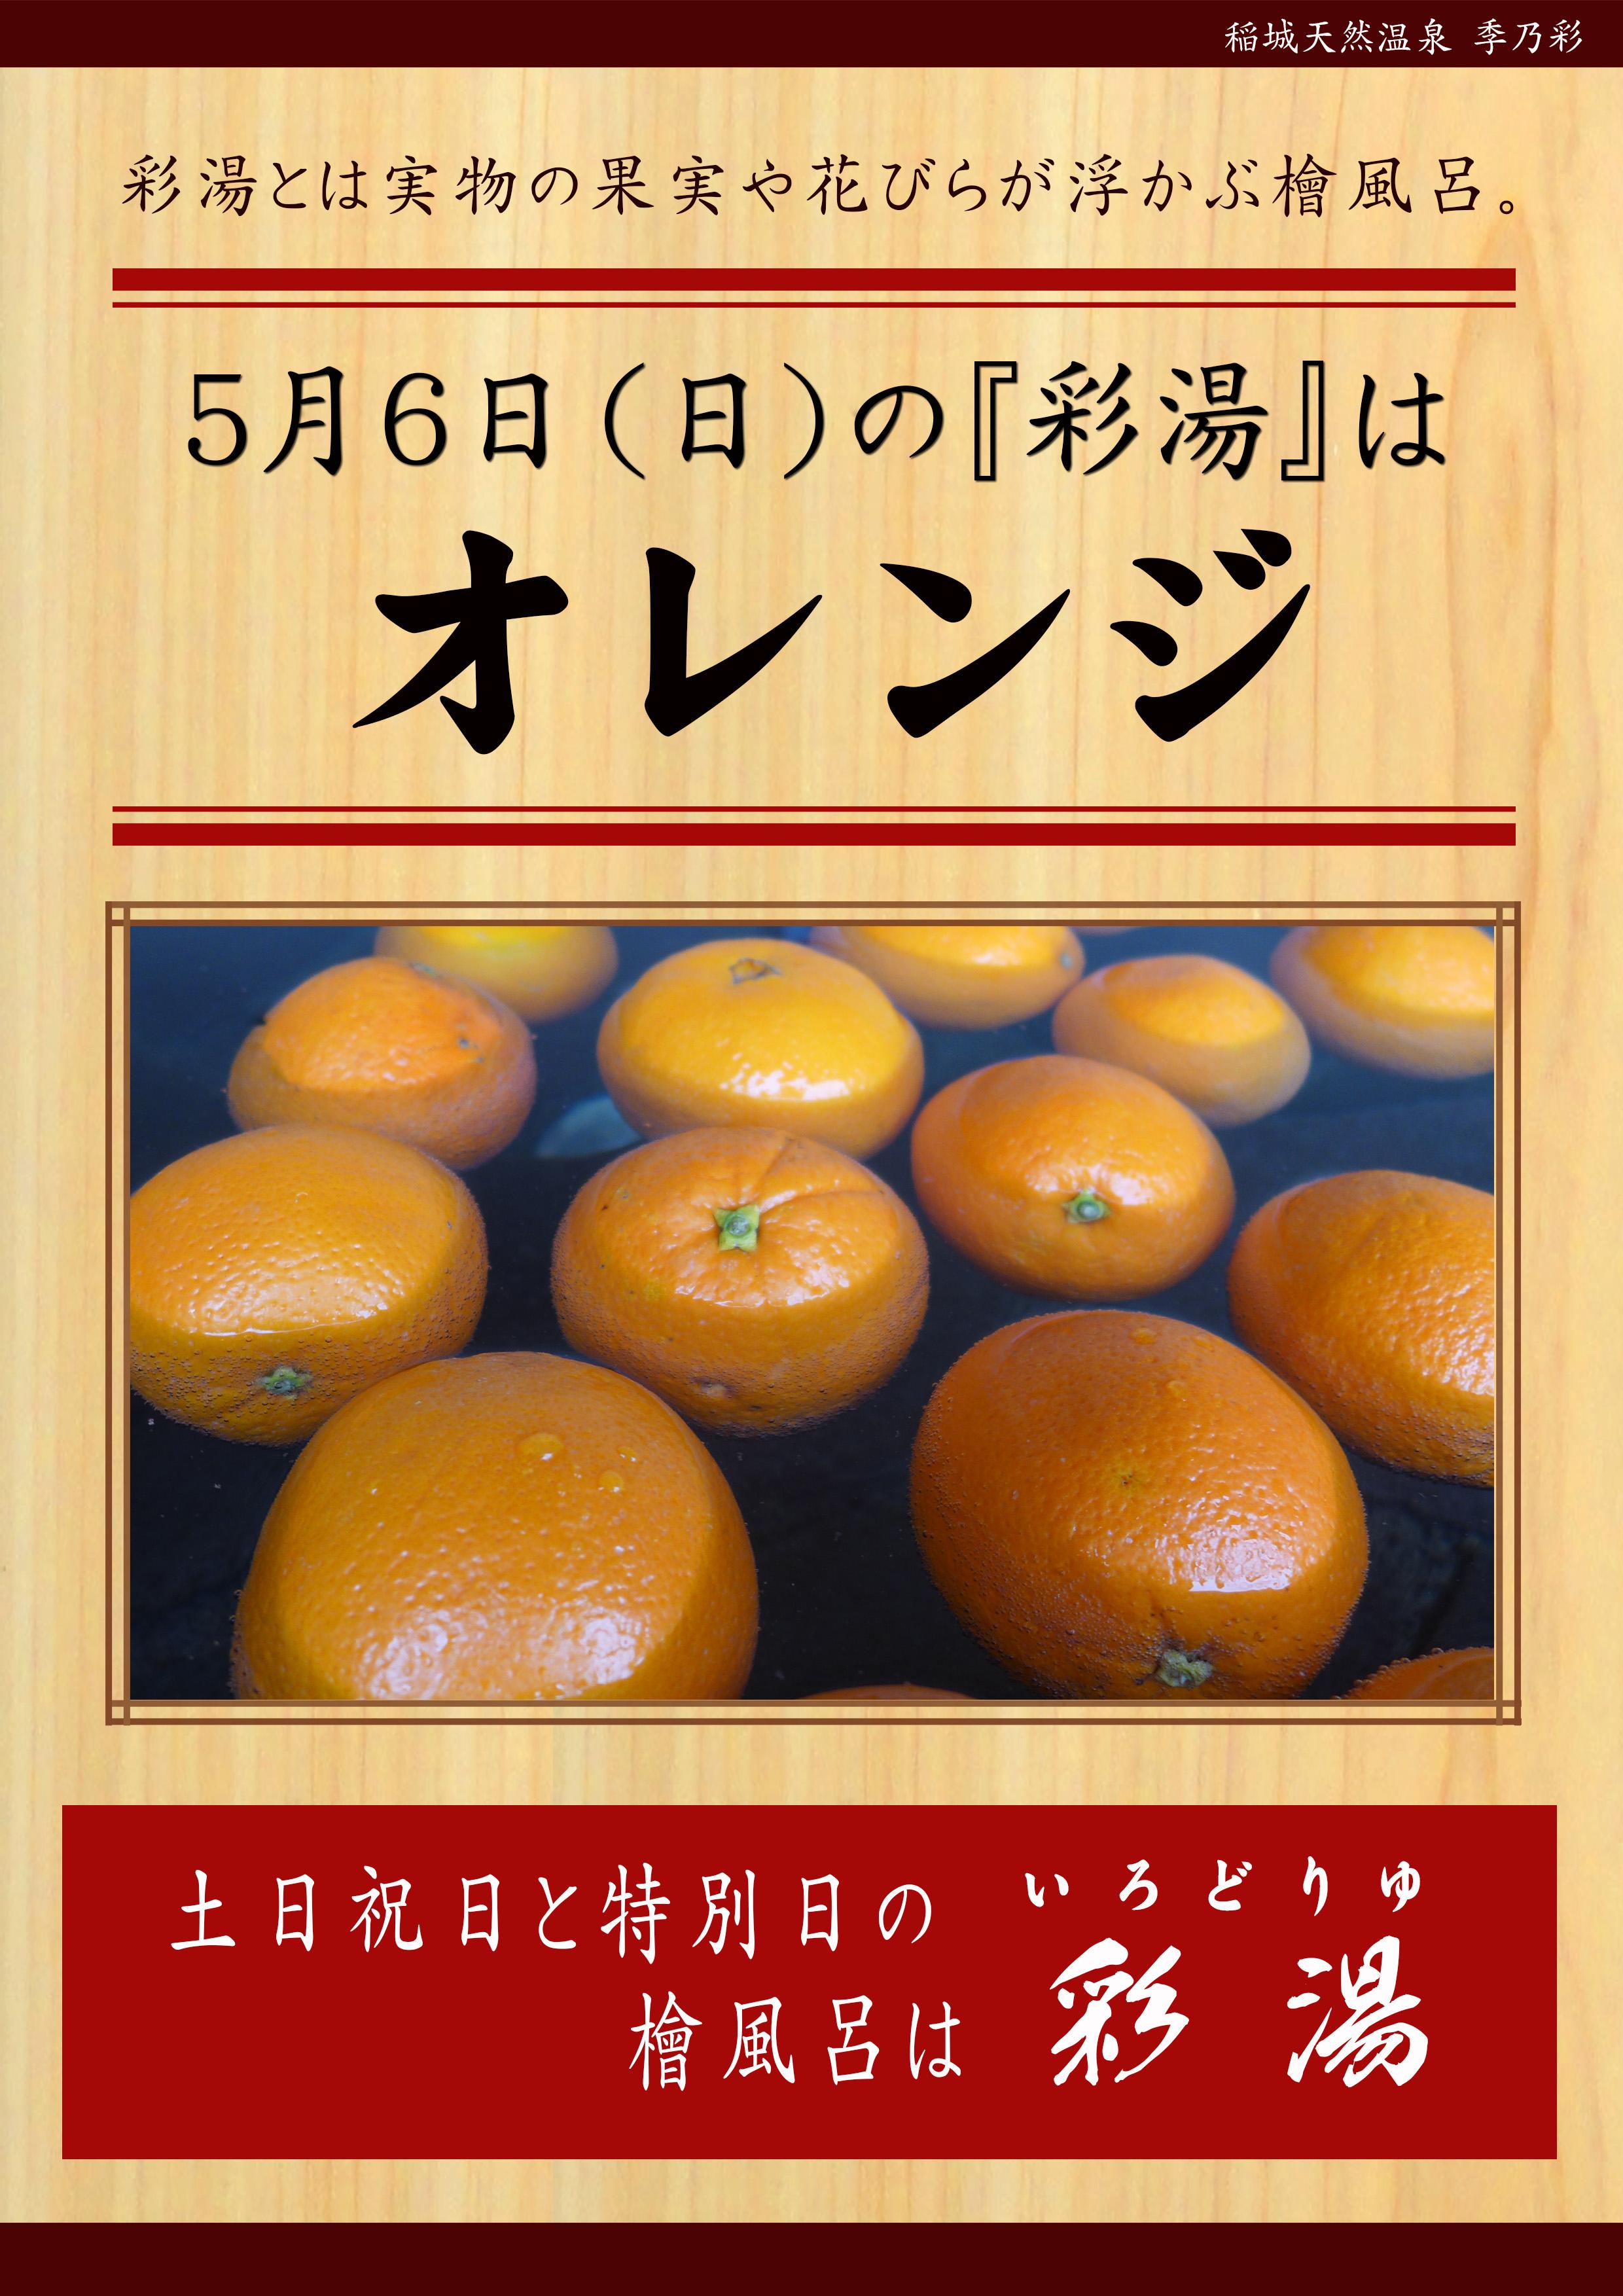 20180506POP イベント 彩湯 オレンジ